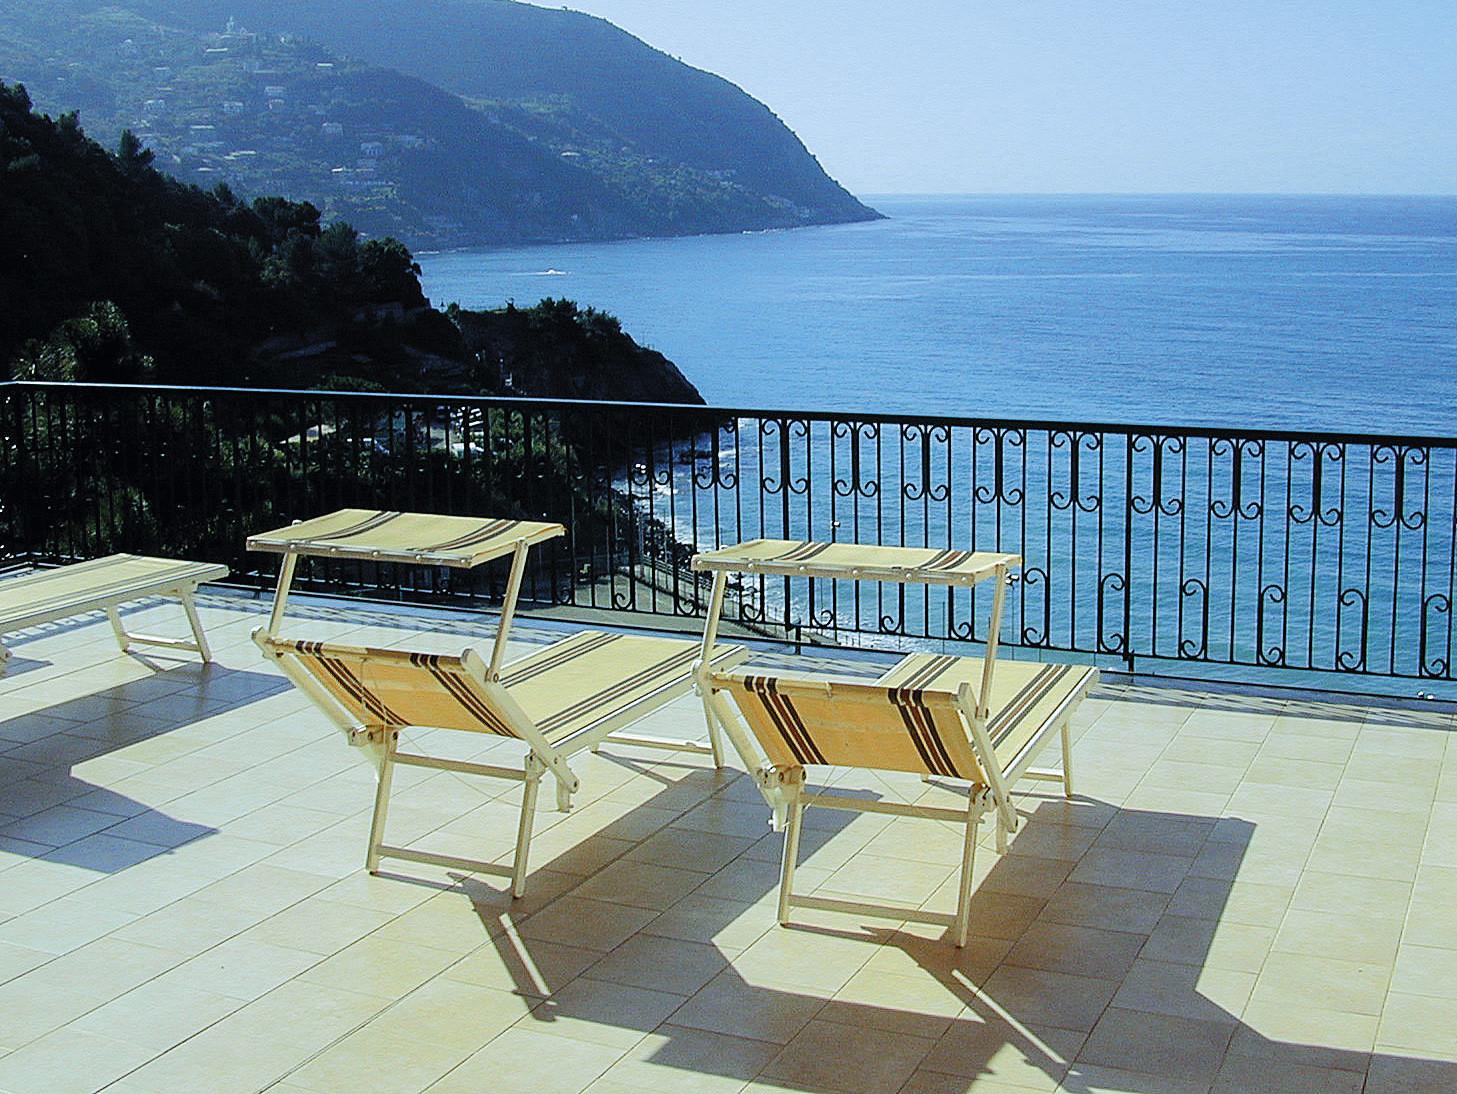 Hotel leopold moneglia azzurro opravdov for Hotel moneglia